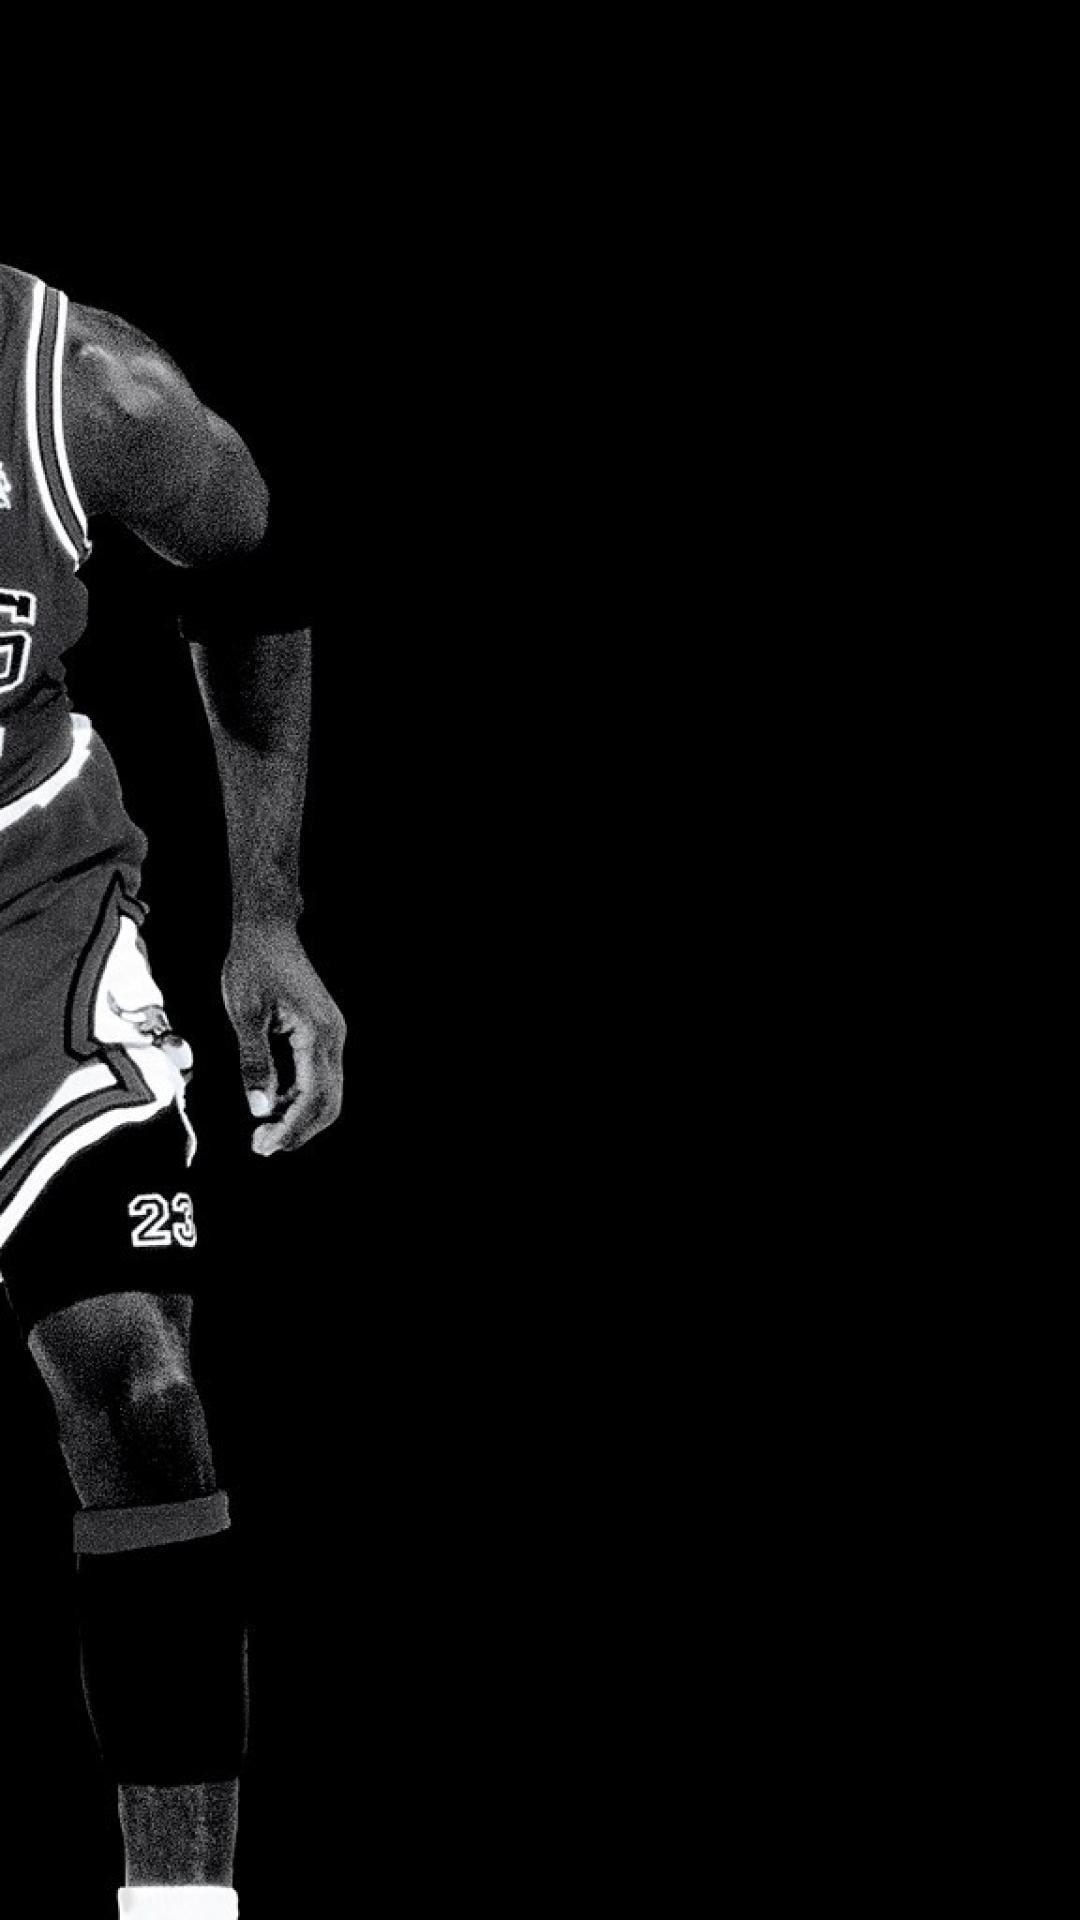 Hd Michael Jordan Wallpaper 79 Pictures